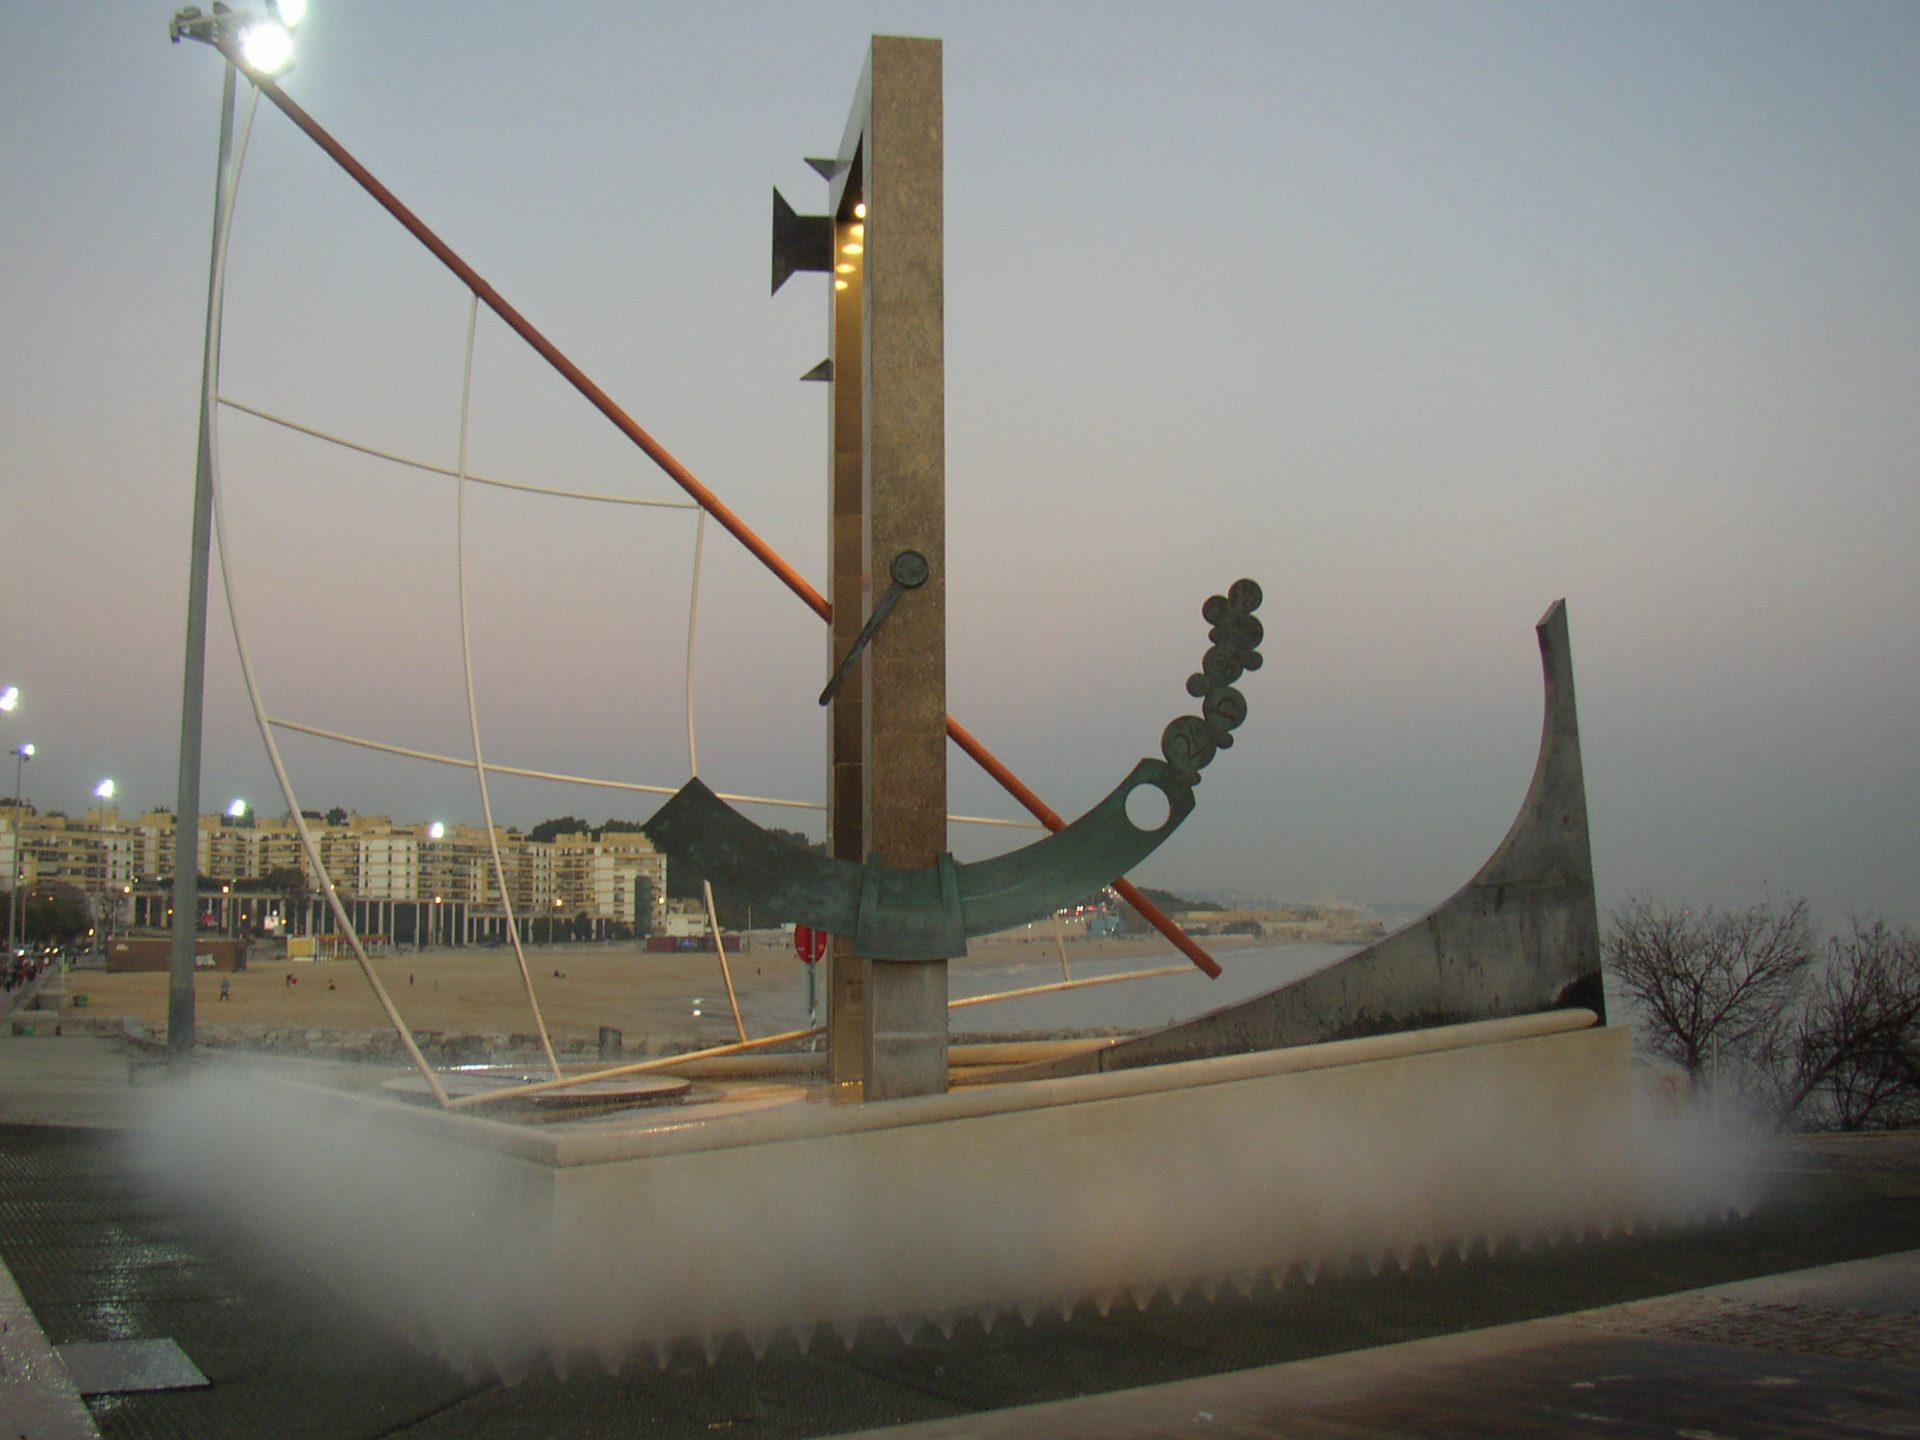 À porta do mar - Nave visionista, obra pública em Oeiras de Luís Vieira-Baptista que pretende invocar as aventuras portuguesas no plano das descobertas e no plano cientifico.